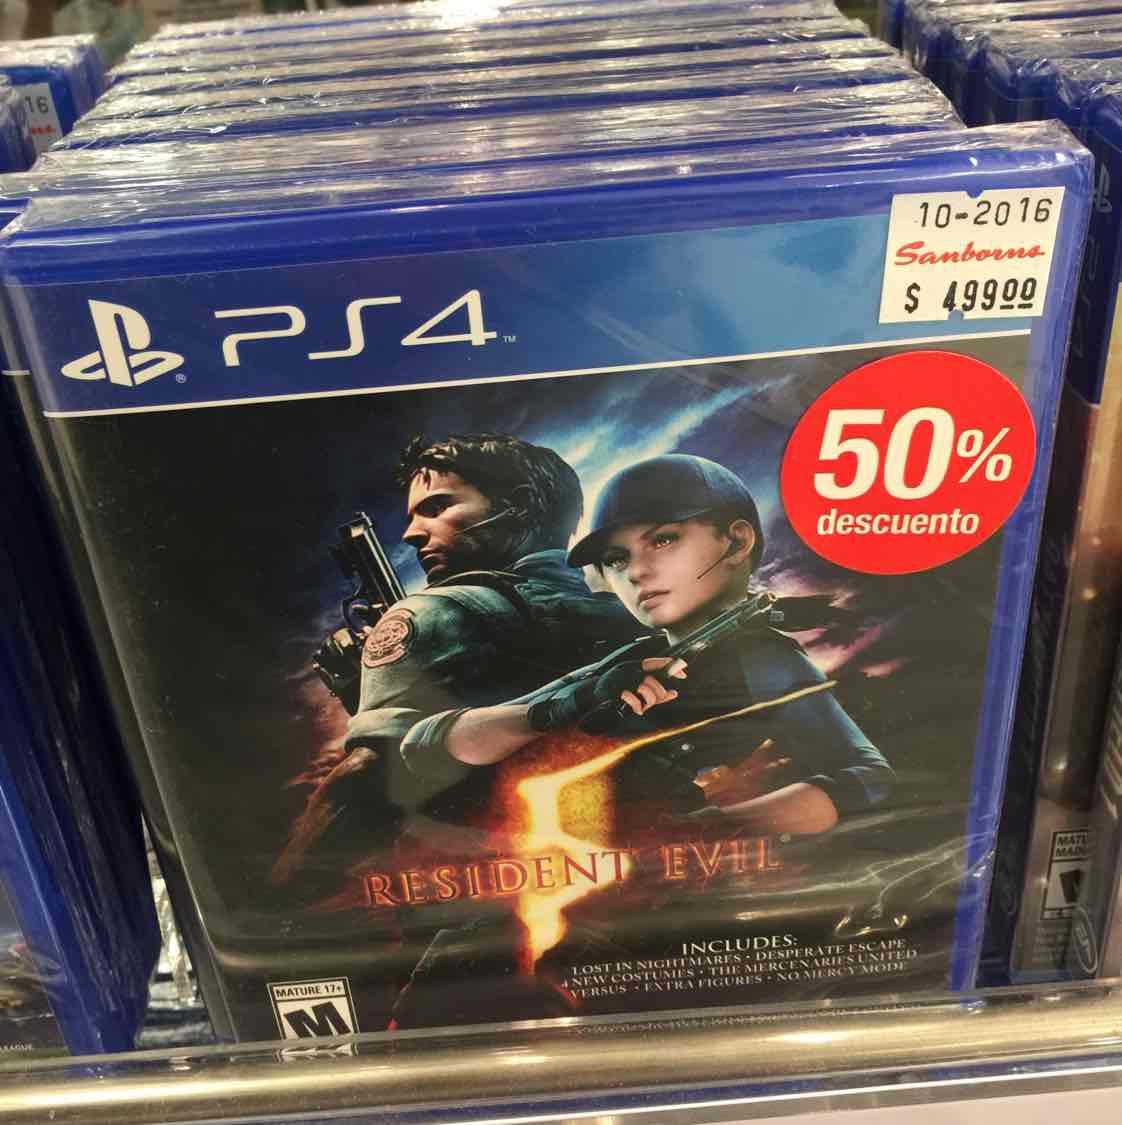 Sanborns: Resident Evil PS4